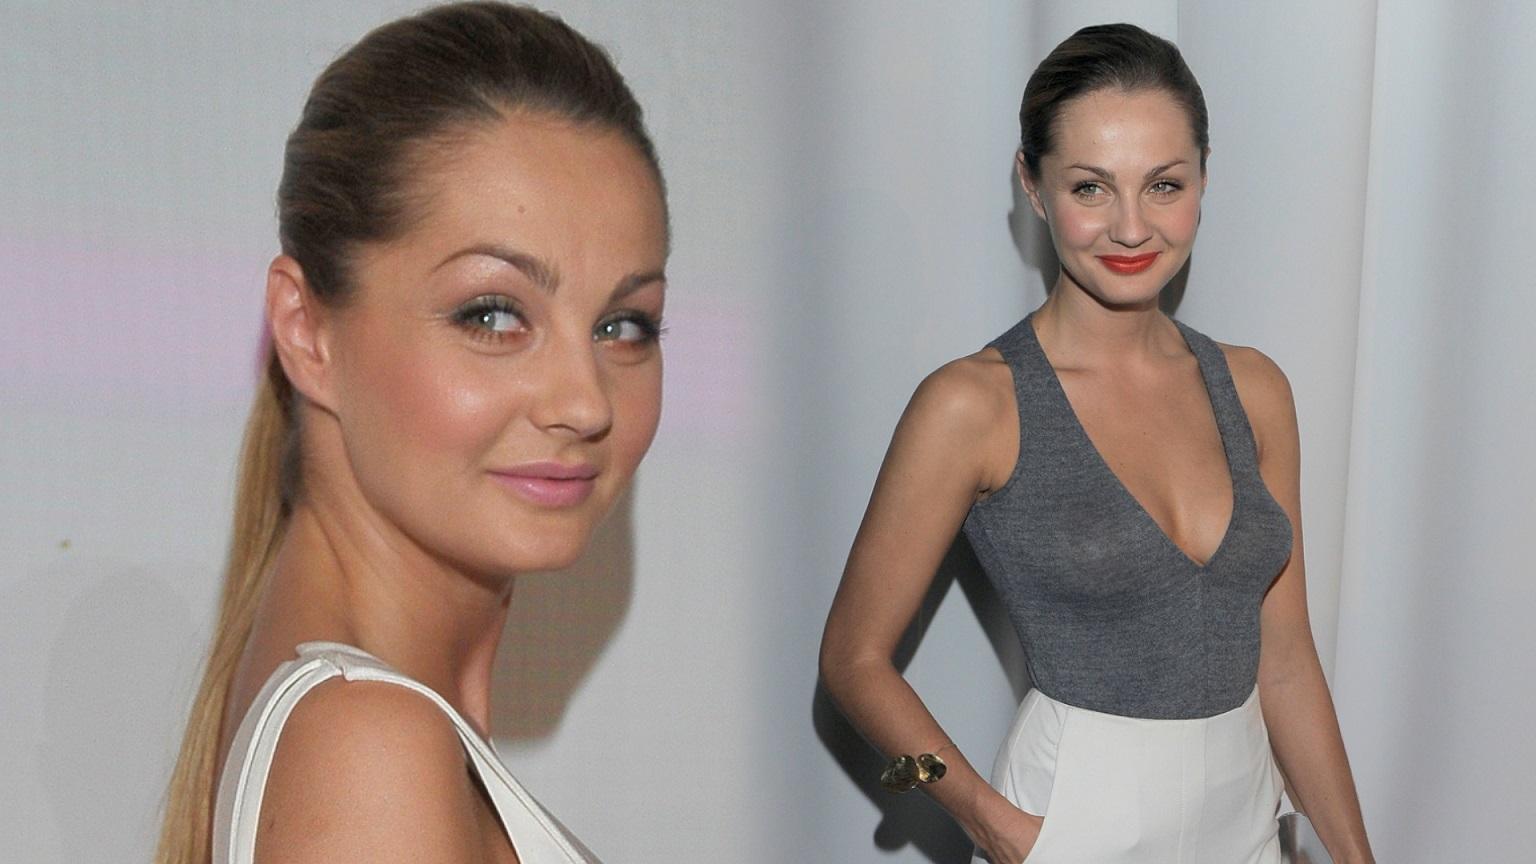 Małgorzata Socha chudnie w oczach. Wygląda lepiej niż przed trzema porodami (ZDJĘCIA)